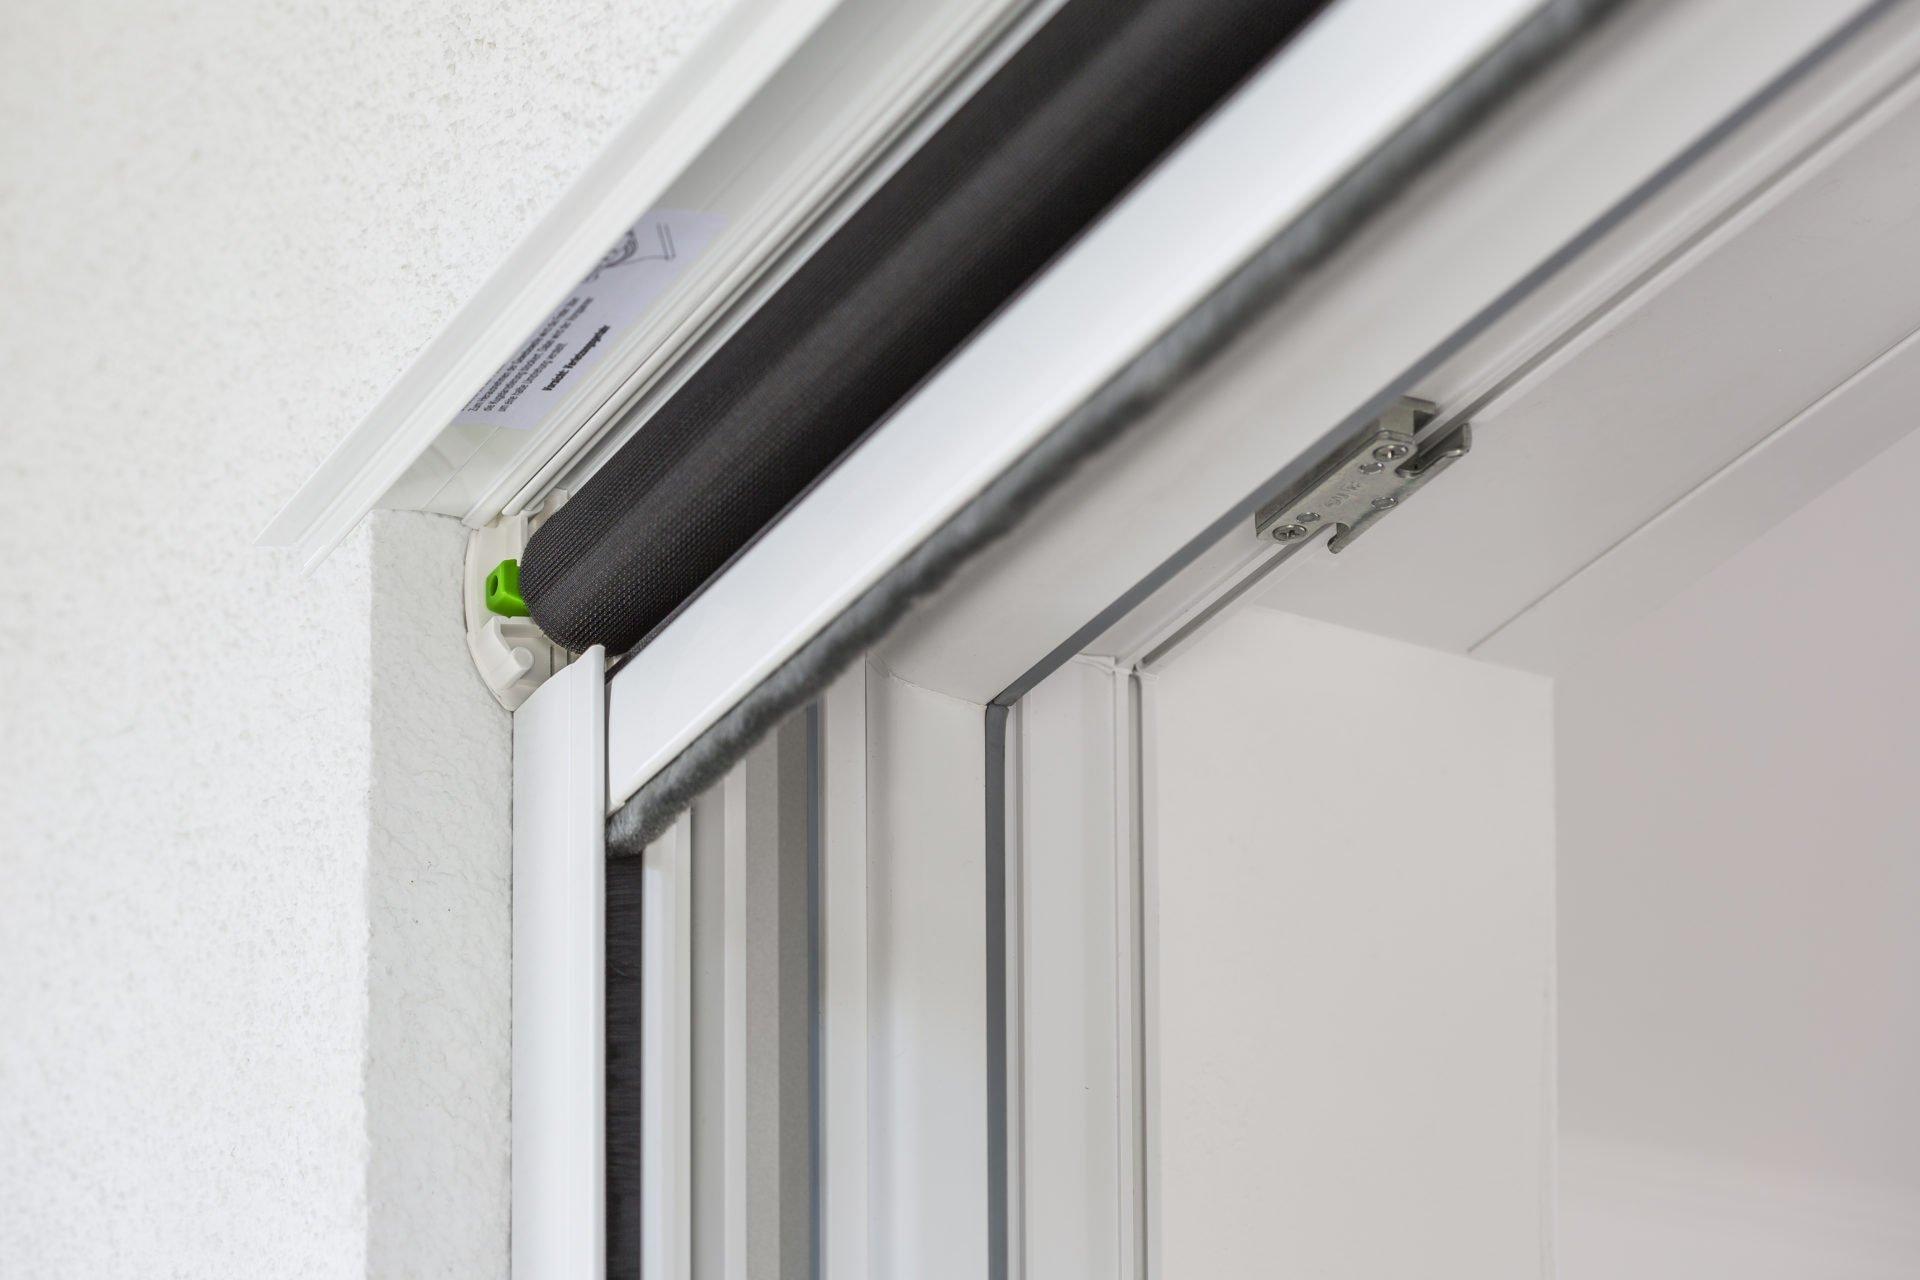 Full Size of Insektenschutz Fr Das Dachfenster Unbeschwertes Lften Fenster Konfigurieren Rollos Für Rehau Wärmeschutzfolie Preisvergleich Auto Folie Marken Felux Kaufen Fenster Fenster Rollos